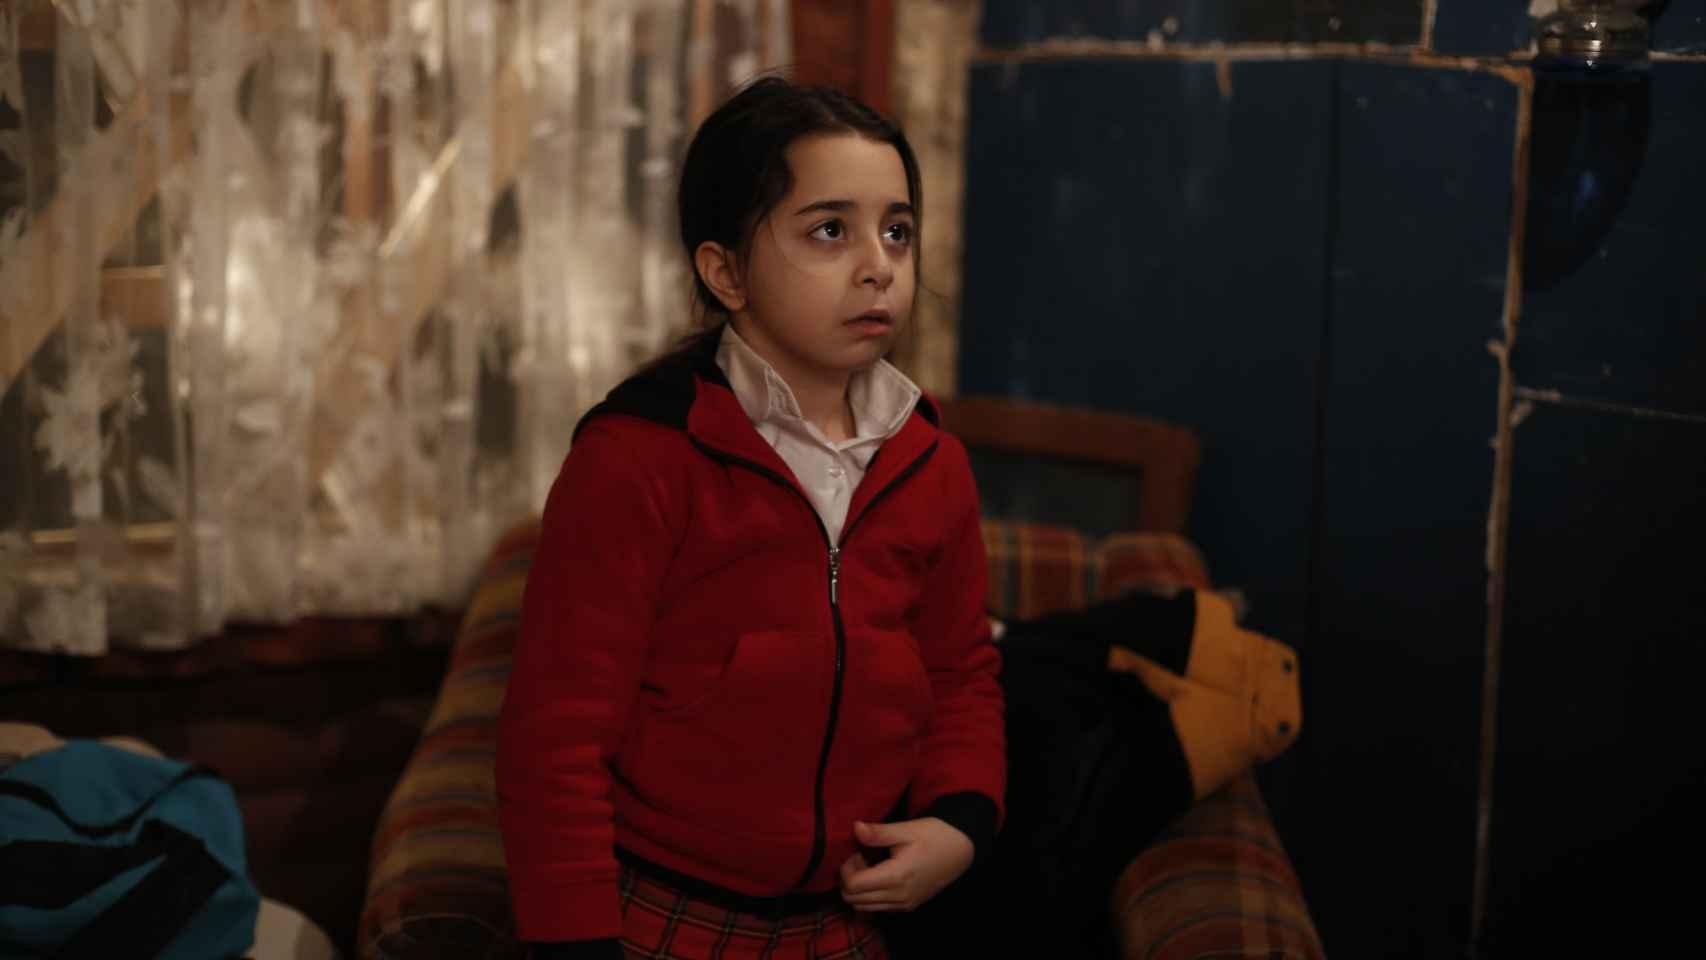 'Mi hija': Cemal usará a Öykü como cebo para lograr su venganza contra Demir